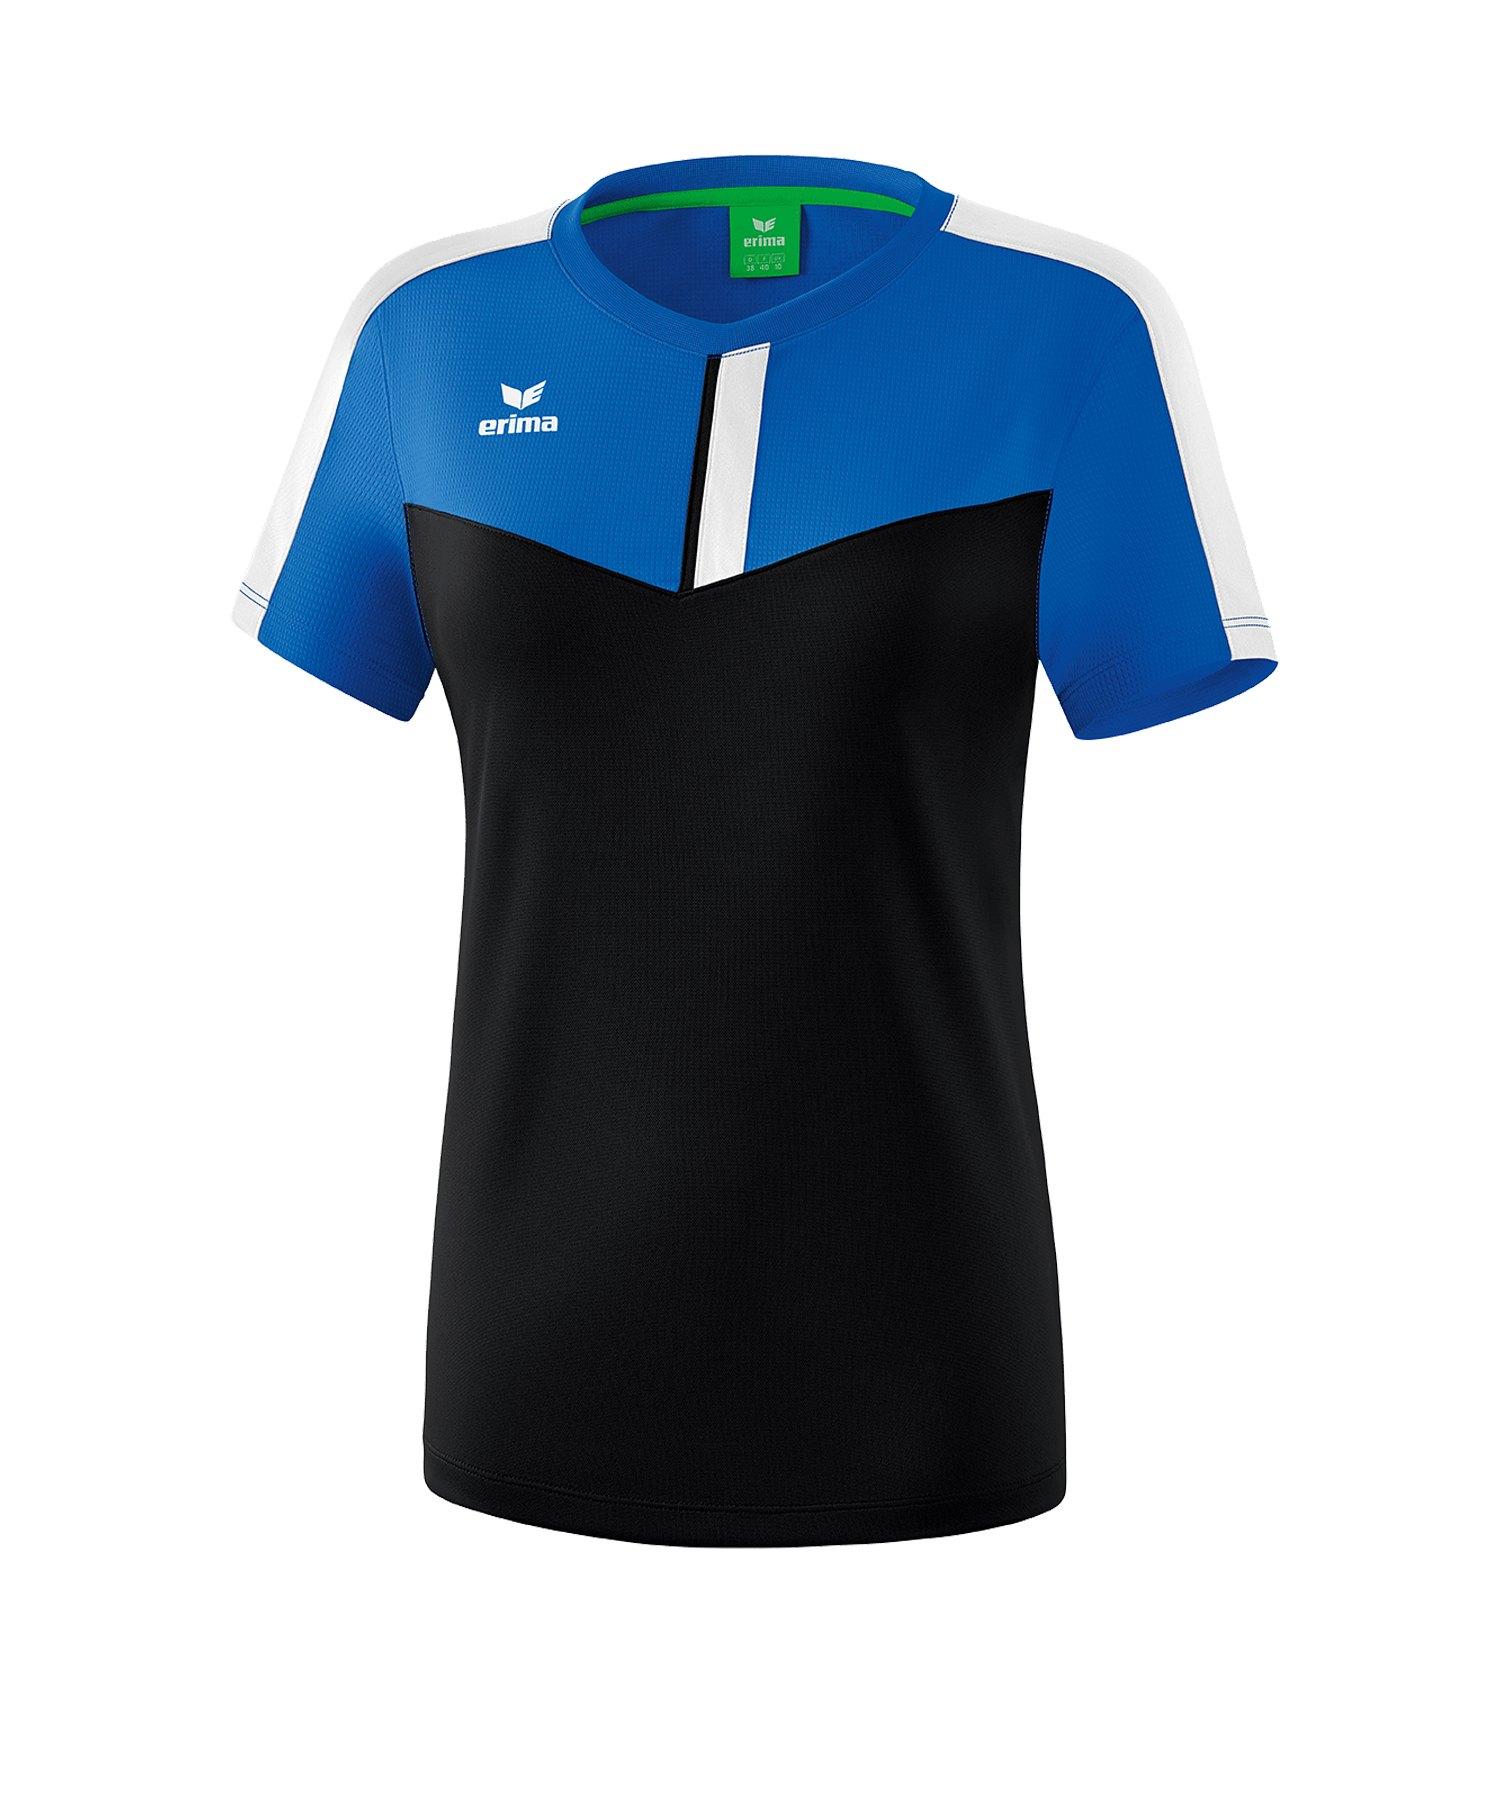 Erima Squad T-Shirt Damen Blau Schwarz - blau